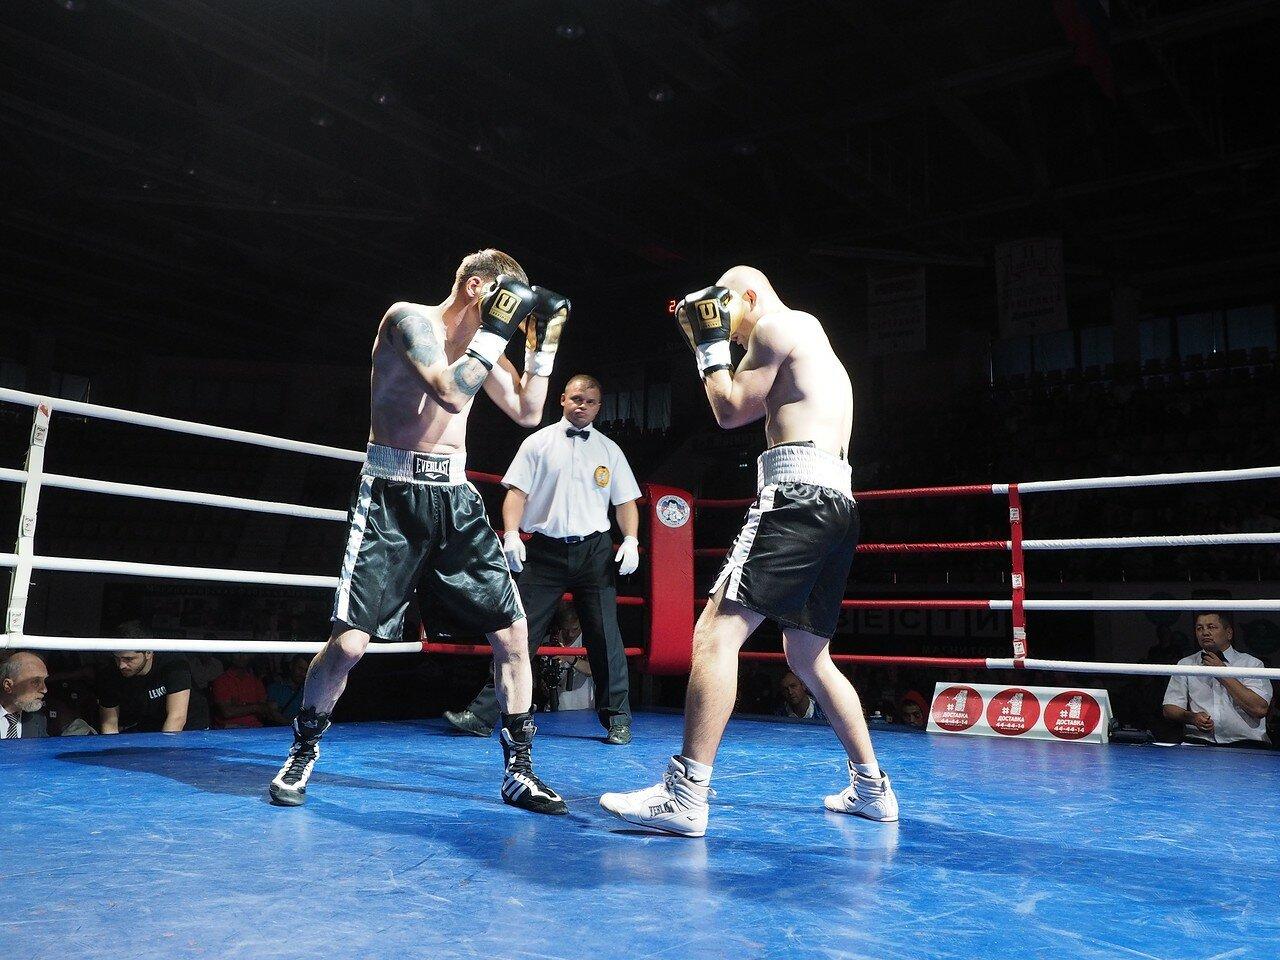 86 Вечер профессионального бокса в Магнитогорске 06.07.2017